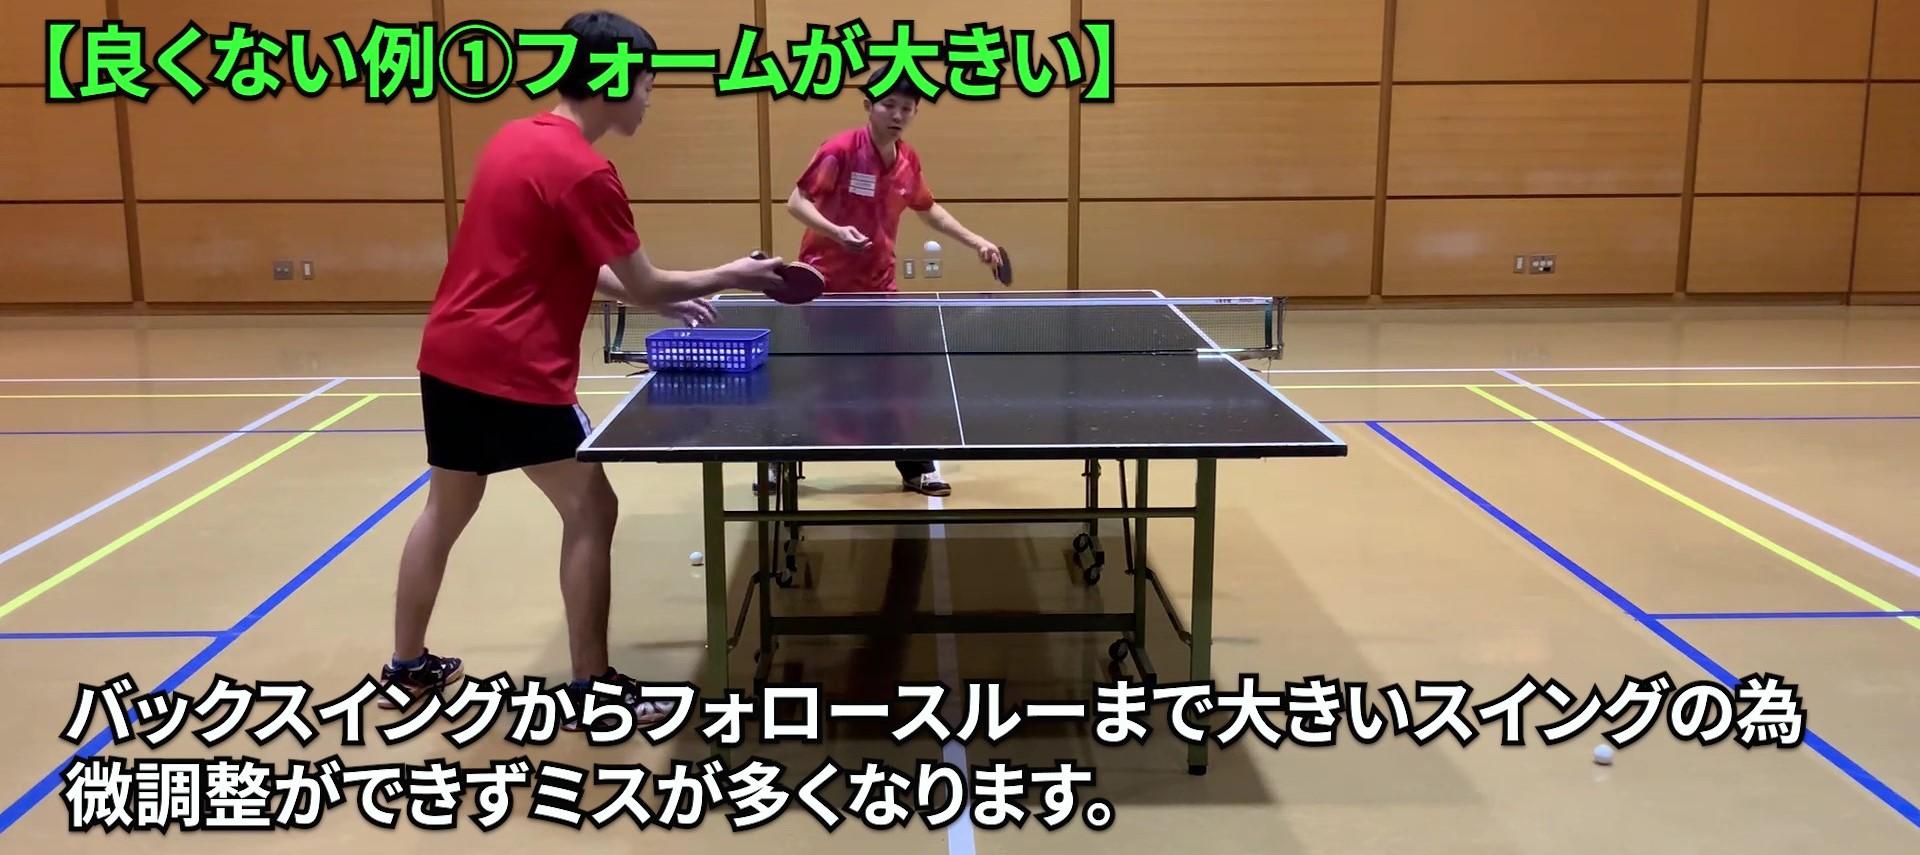 【卓球動画】フォアフリックのポイント